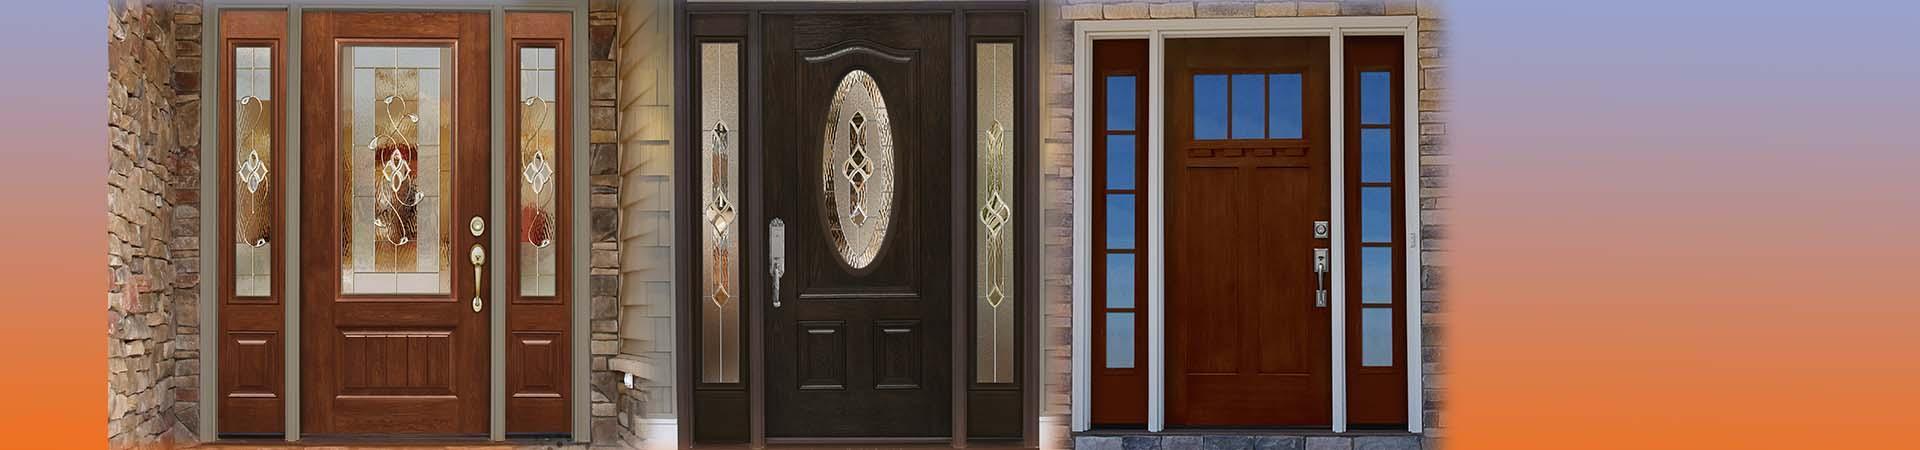 Security Doors Front Doors Raleigh Fayetteville Nc